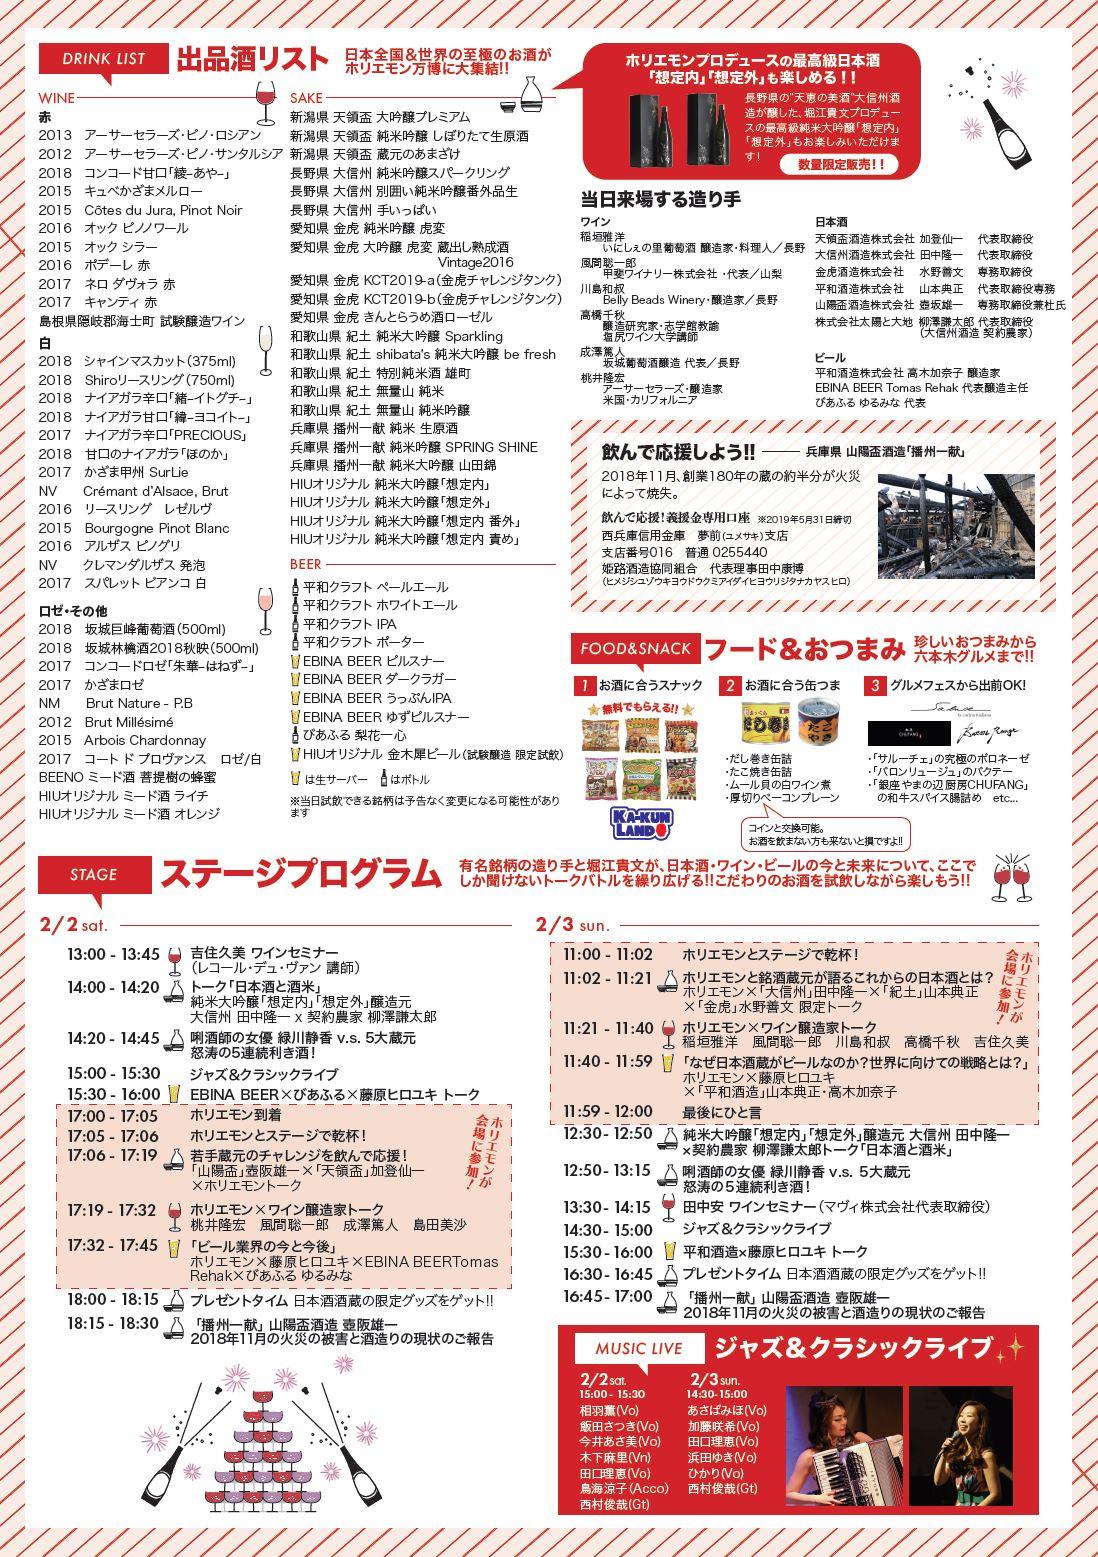 日本酒ワインビールまつり フライヤー 2ウラ 20190126 修正稿